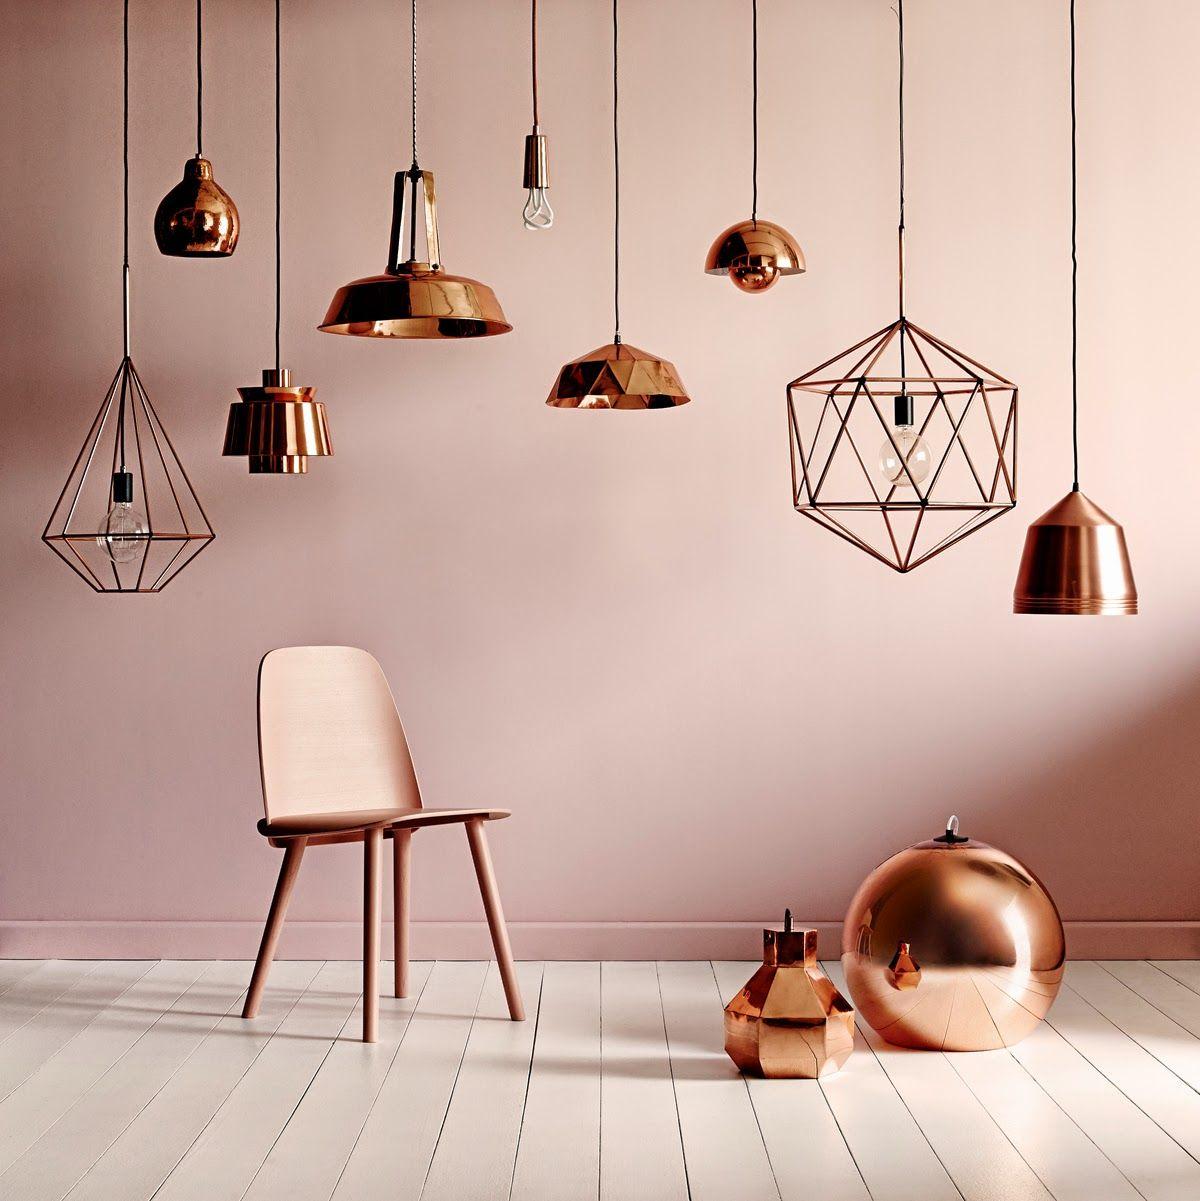 Měděné lampy. Od &tradition: Utzon Lamp a FLowerpot Lamp. Styling: Heather Nette King